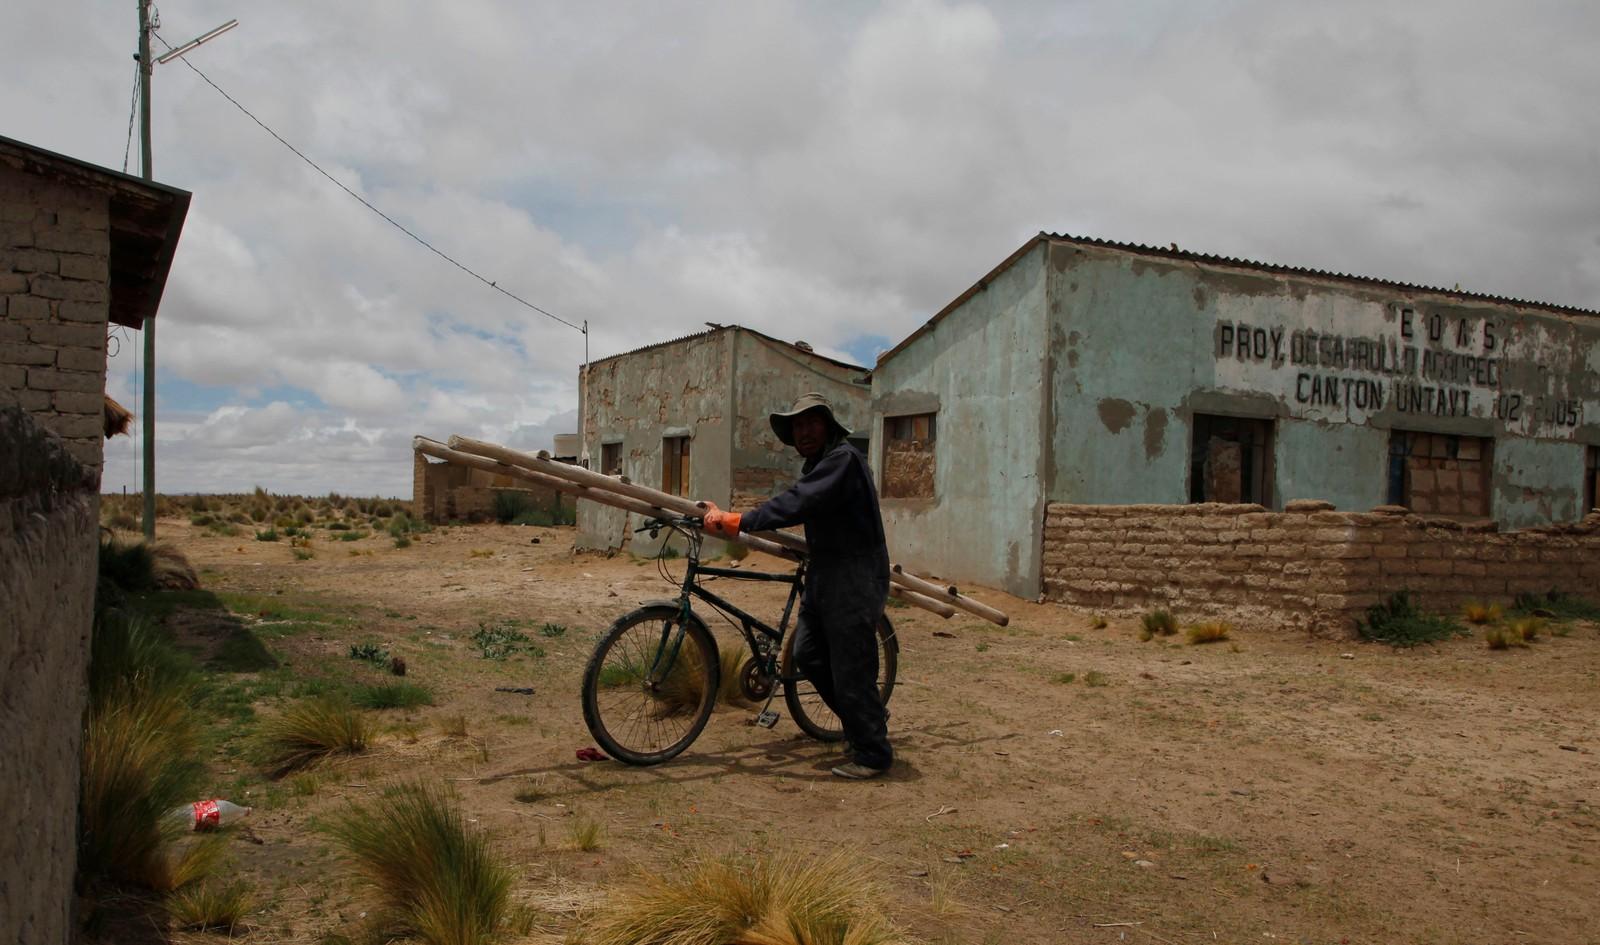 I det som er igjen av Untavi-samfunnet er den tidligere fiskeren Cirilo Choque på vei til jobben som murer. Ifølge Reuters bodde det 500 familier i Untavi, og to tredjedeler av dem har nå flyttet.